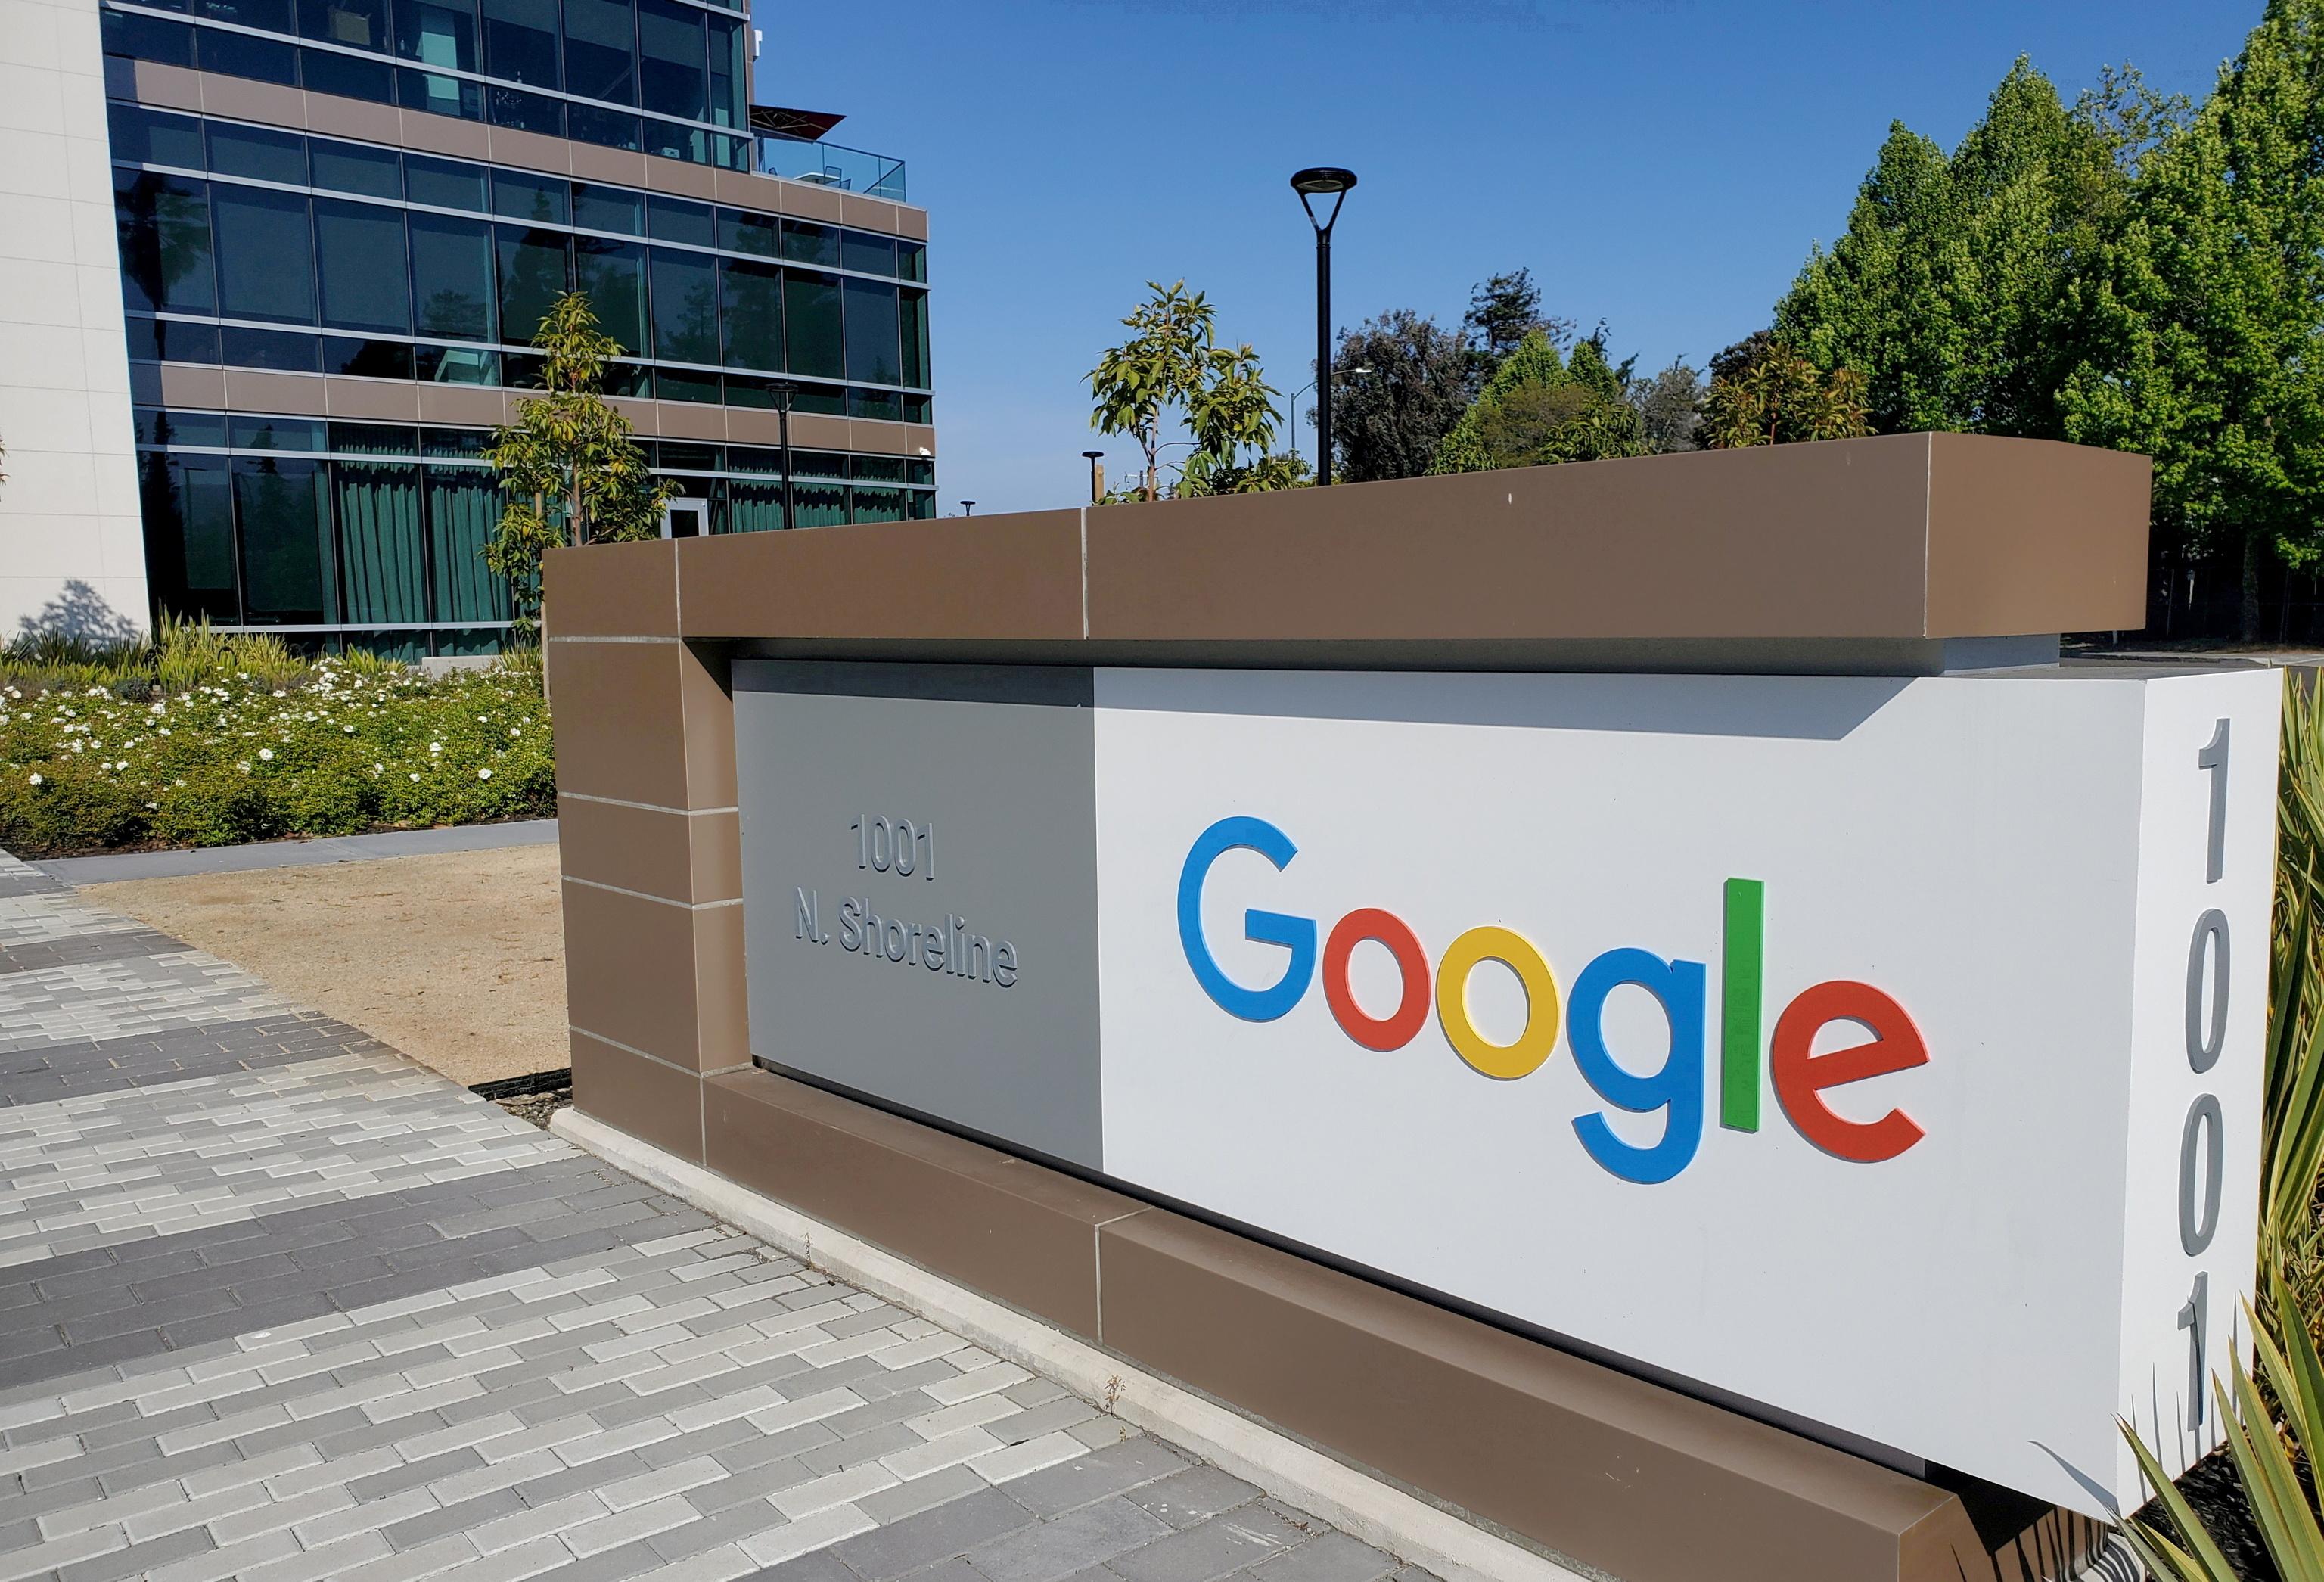 Multa de 220 millones de euros a Google por abuso de posición en la publicidad online en Francia